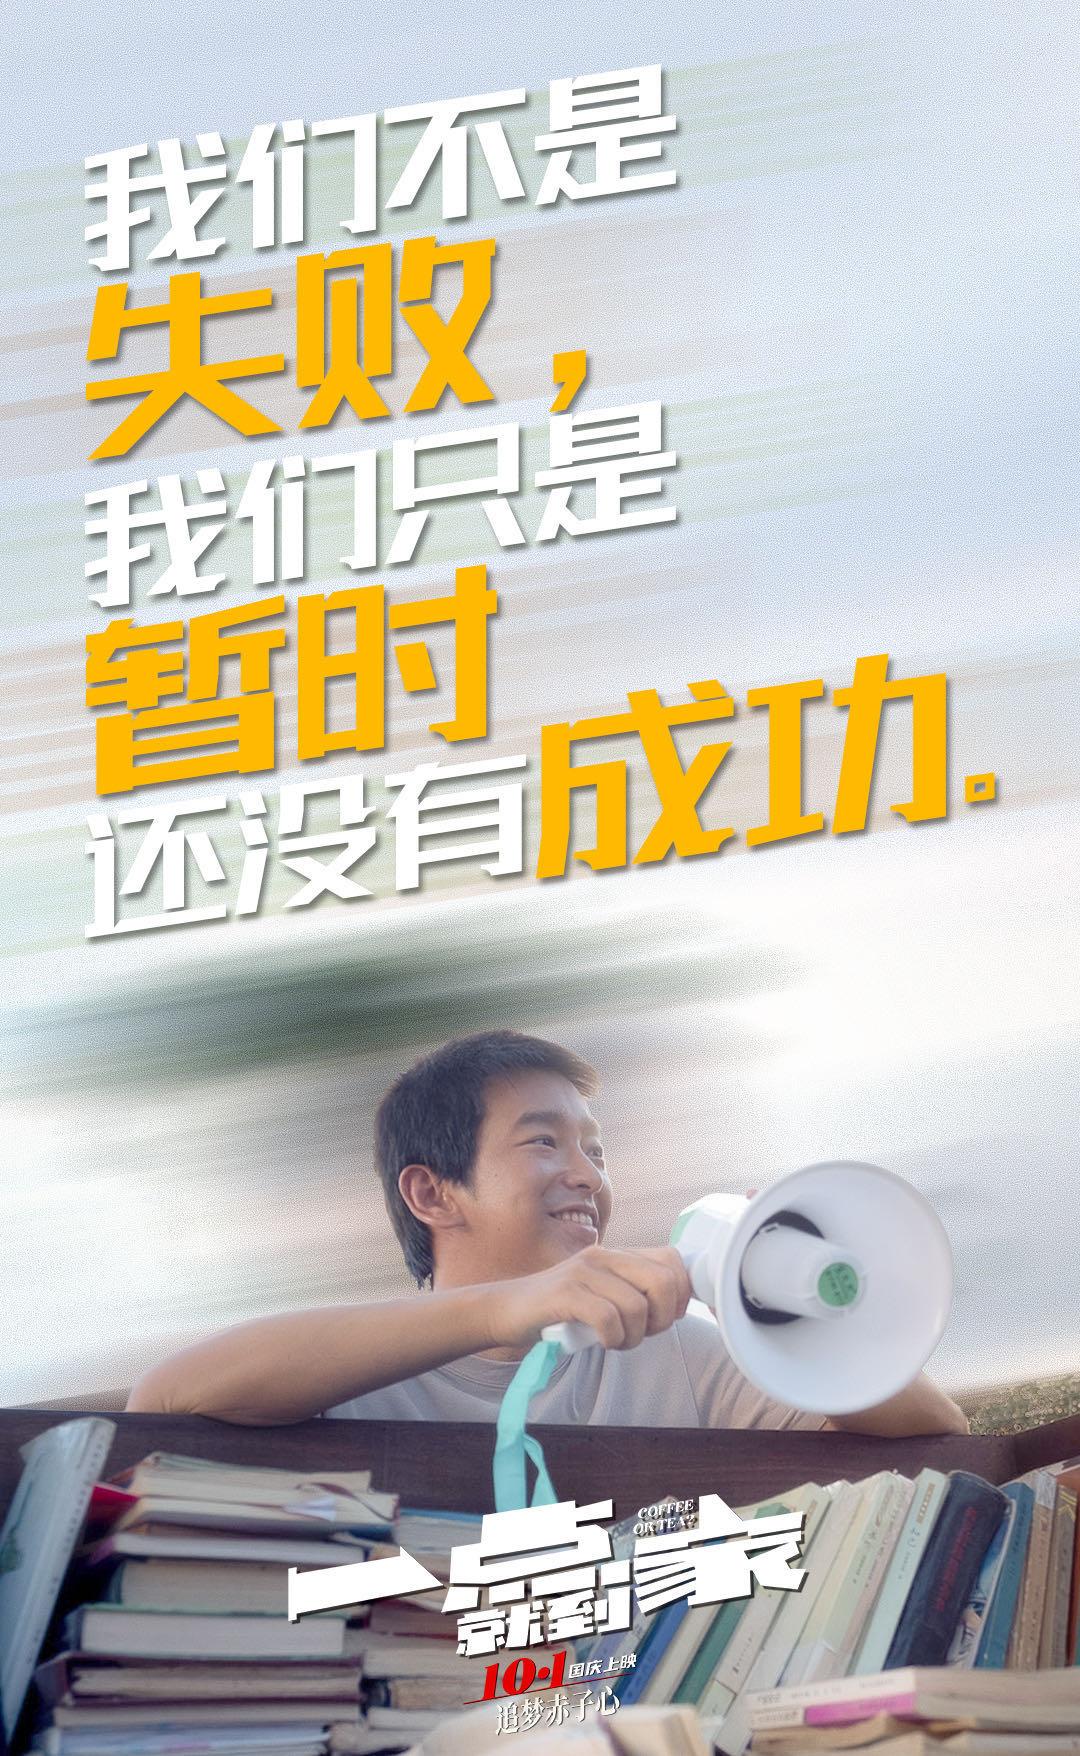 皇冠新现金网平台:《一点就抵家》曝角色剧照 彭昱畅化身鸡汤输出机 第3张